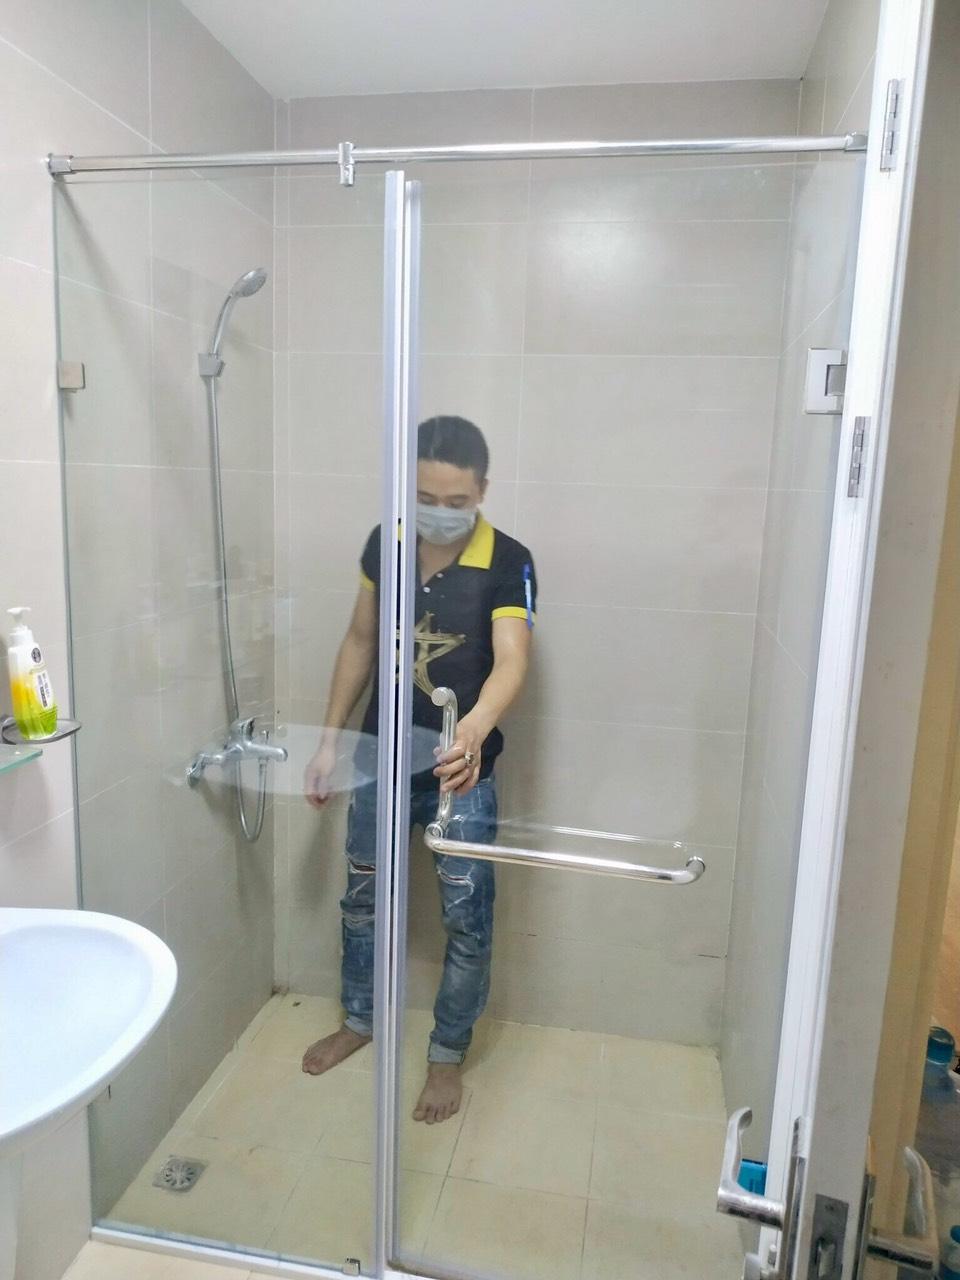 vách kính nhà tắm mang lại an toàn cho người dùng